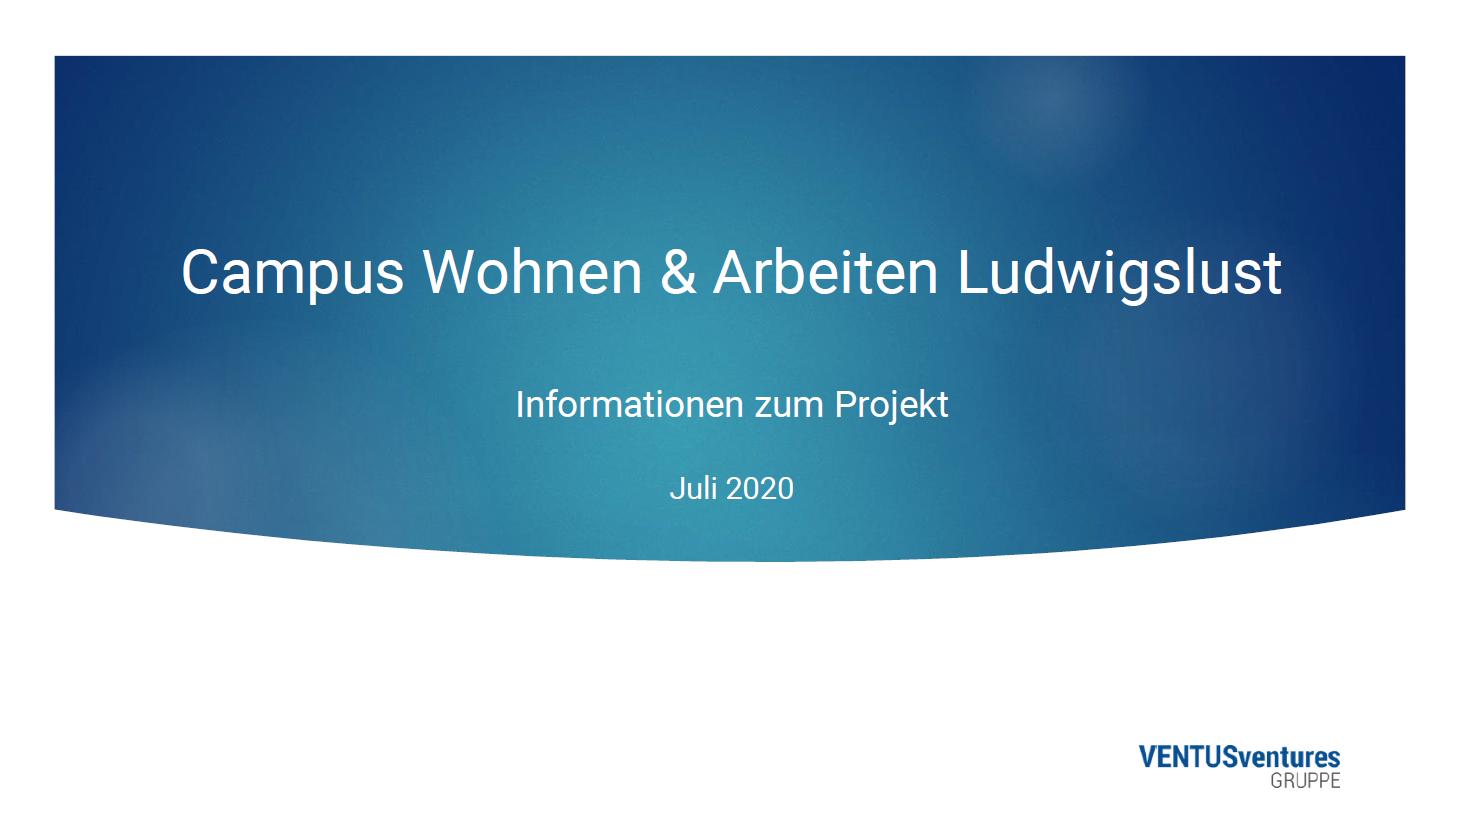 Informations Projekt Campus Wohnen & Arbeiten Ludwigslust